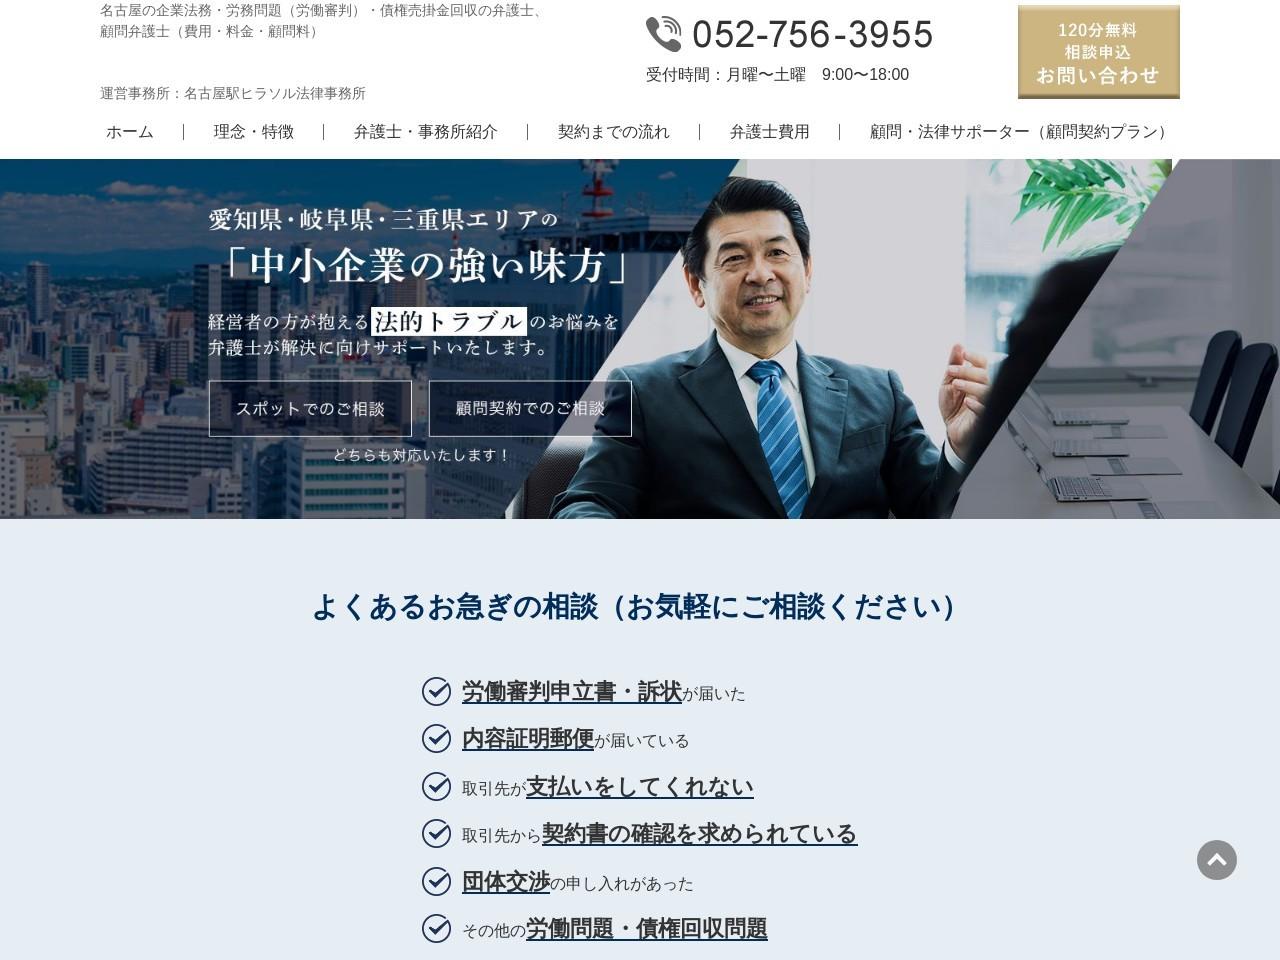 名古屋駅ヒラソル法律事務所